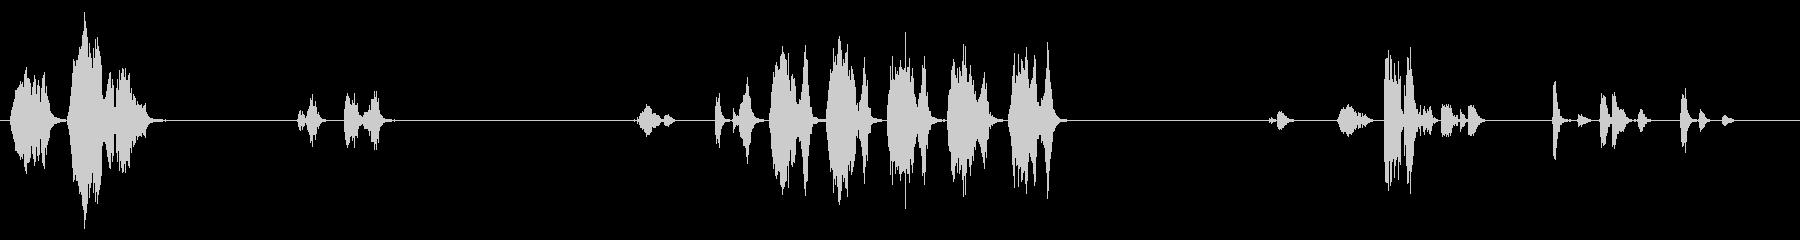 オウム:短いおしゃべり、軽い声の未再生の波形